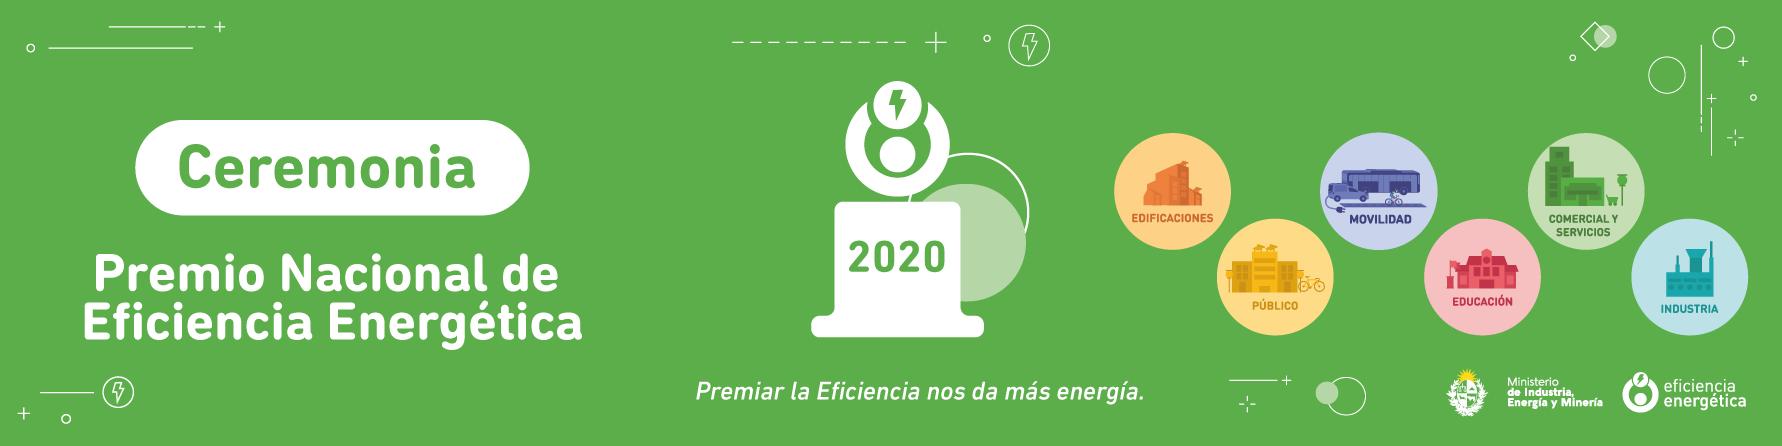 Ceremonia del Premio Nacional de Eficiencia Energética 2020